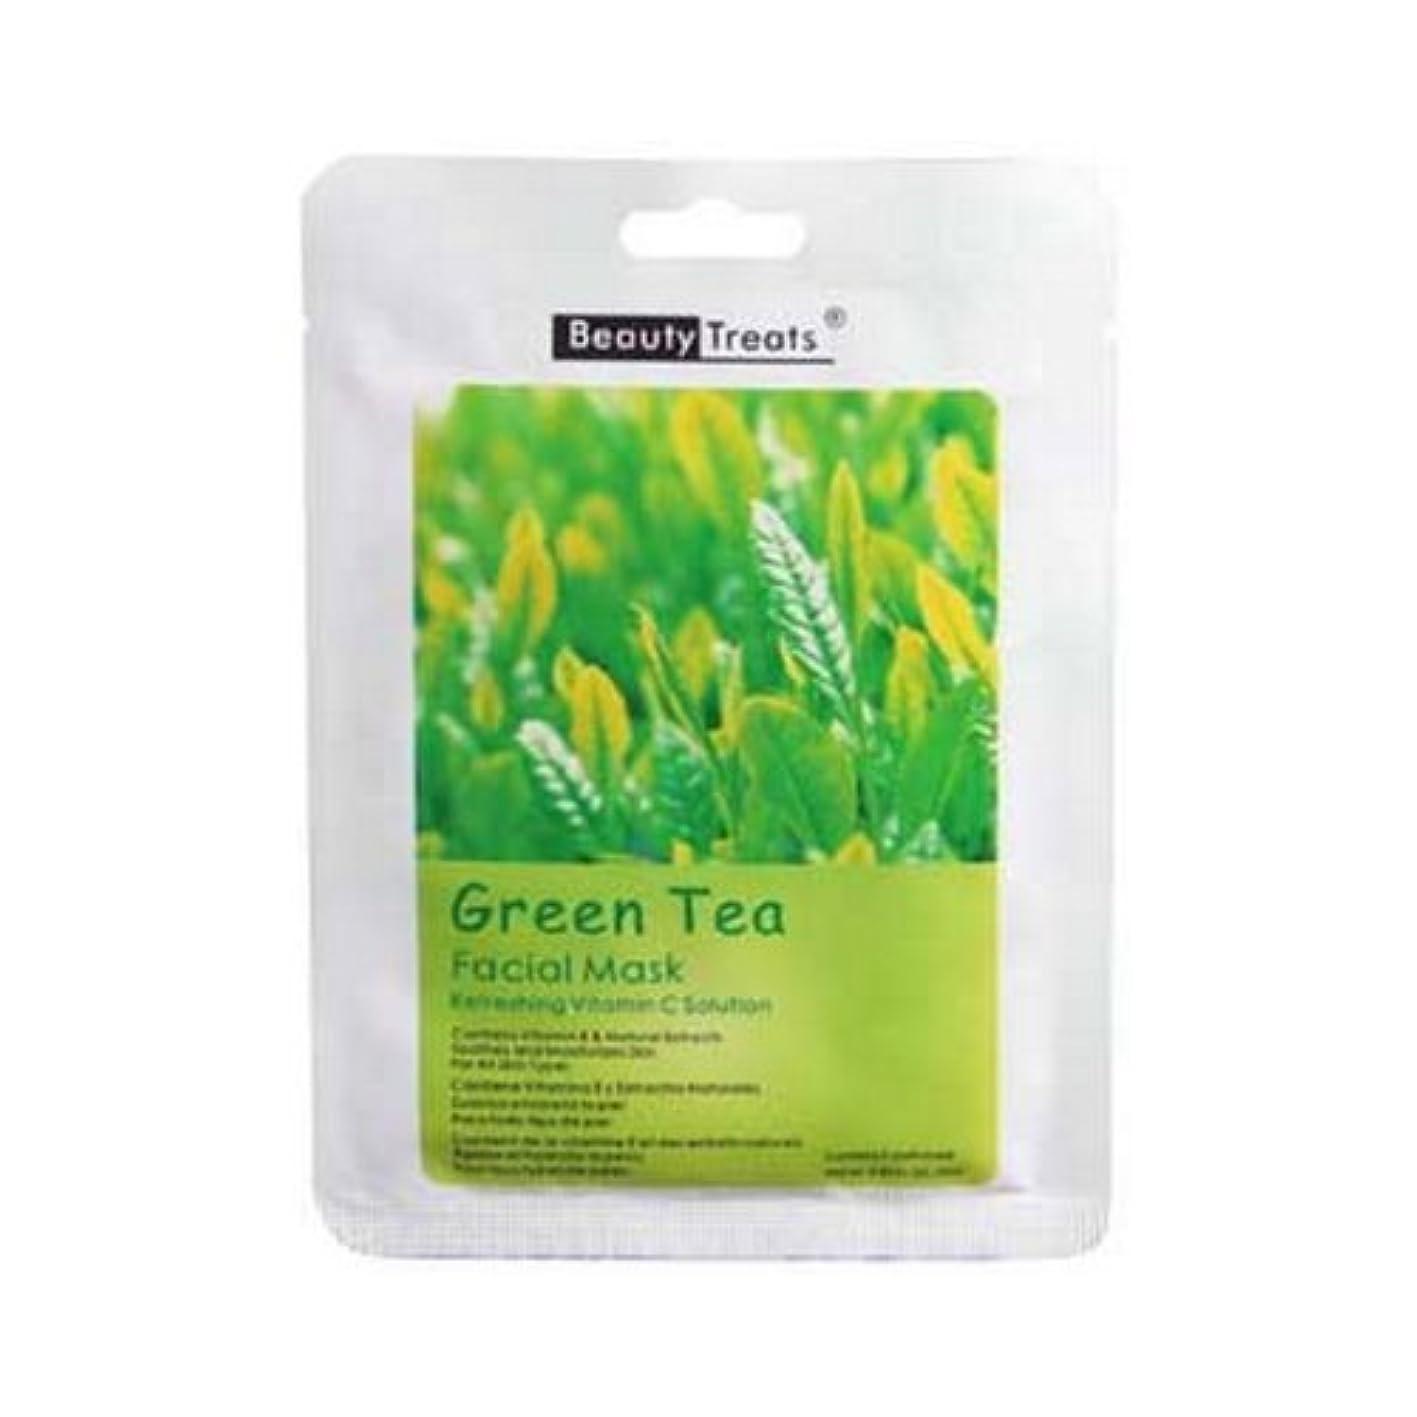 どんよりした謎めいたソビエト(3 Pack) BEAUTY TREATS Facial Mask Refreshing Vitamin C Solution - Green Tea (並行輸入品)